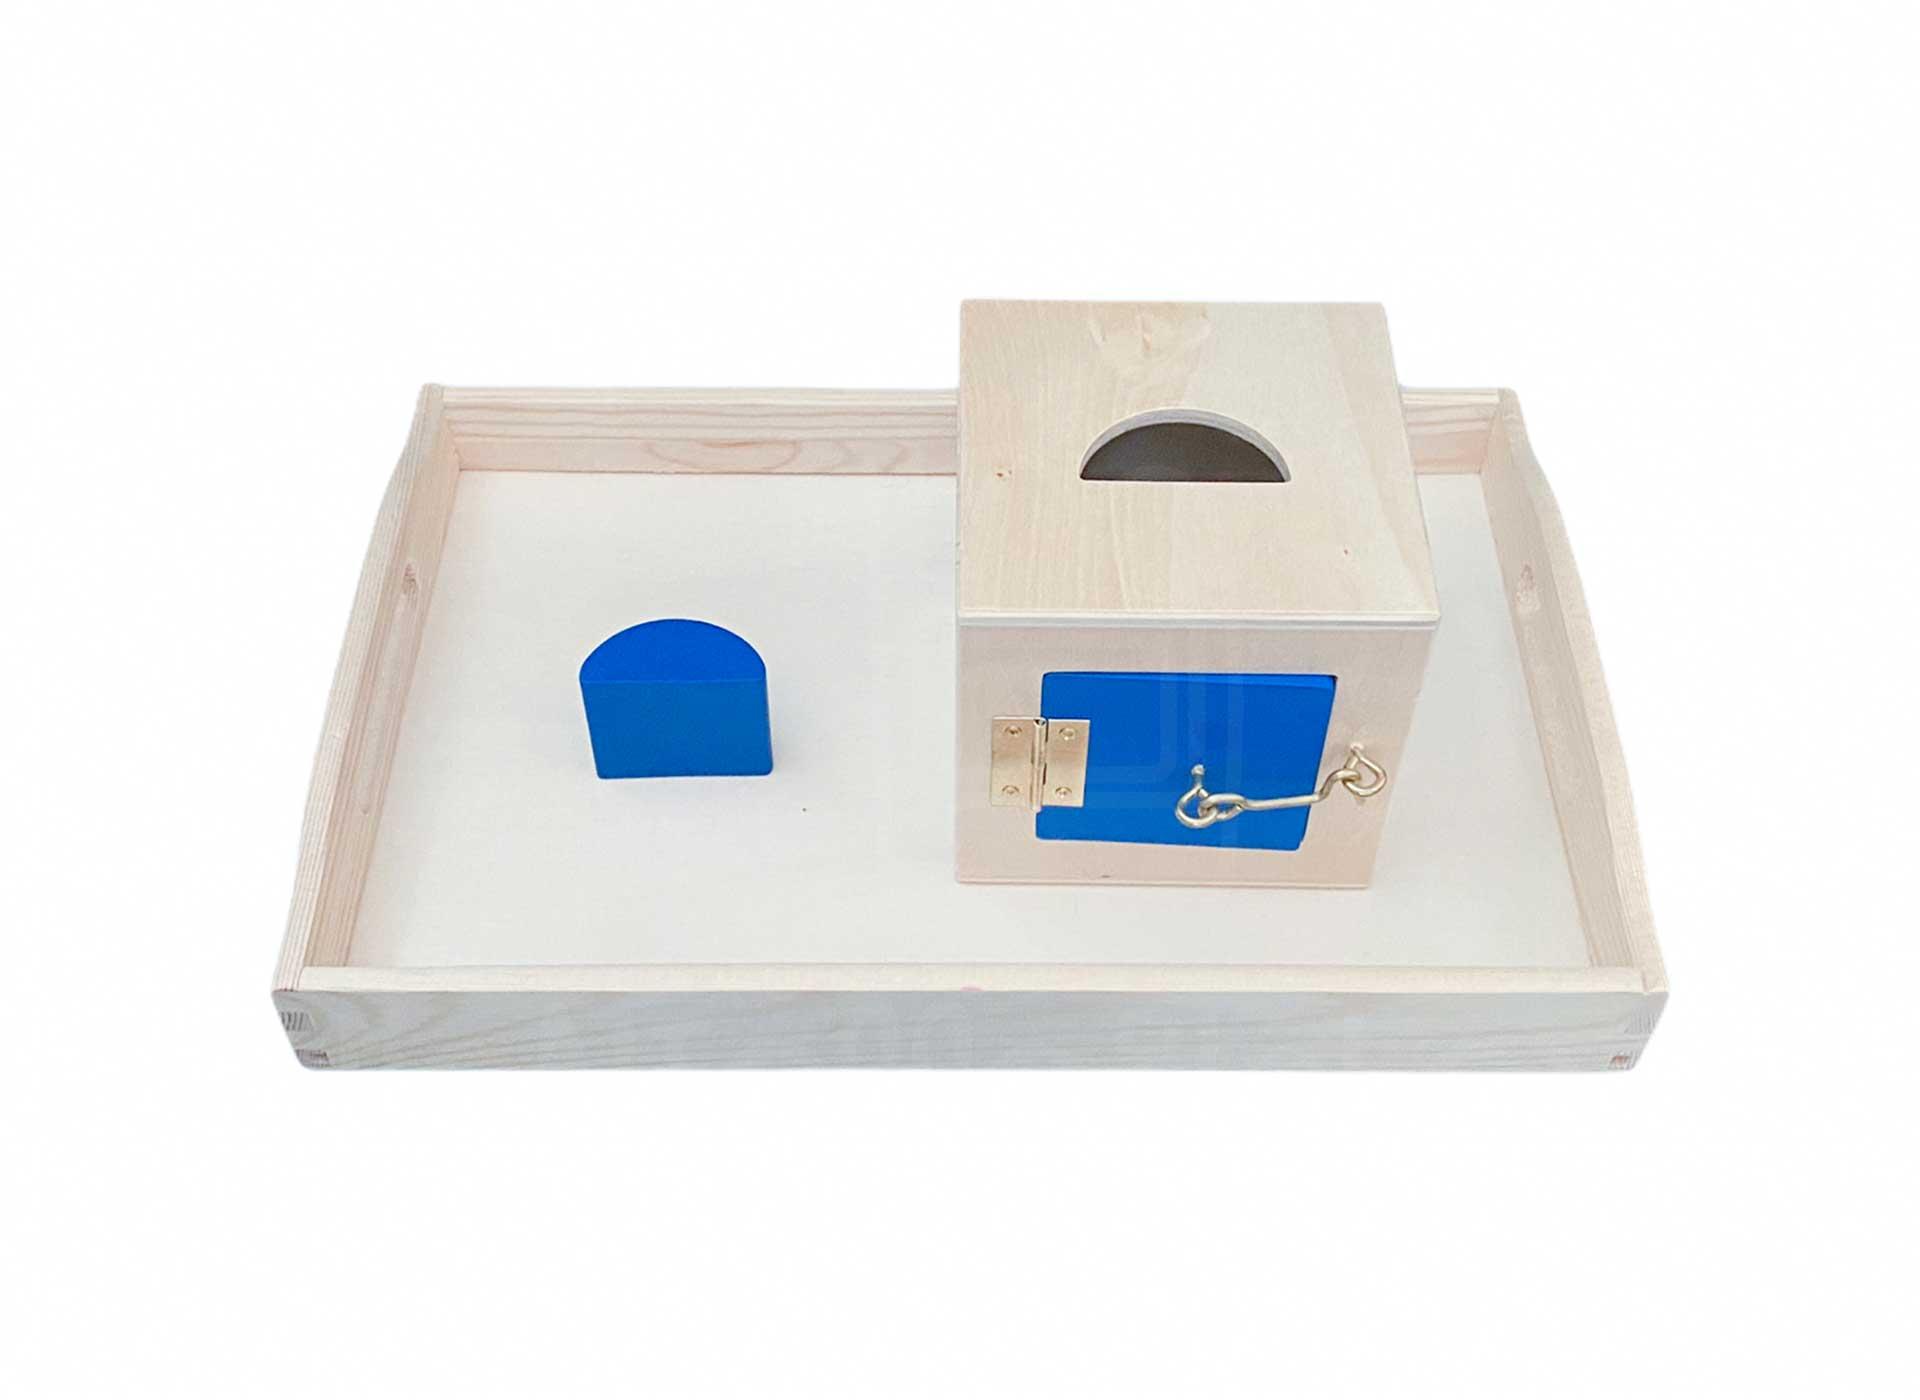 Kasten mit Schließmechanismus und halbem Zylinder